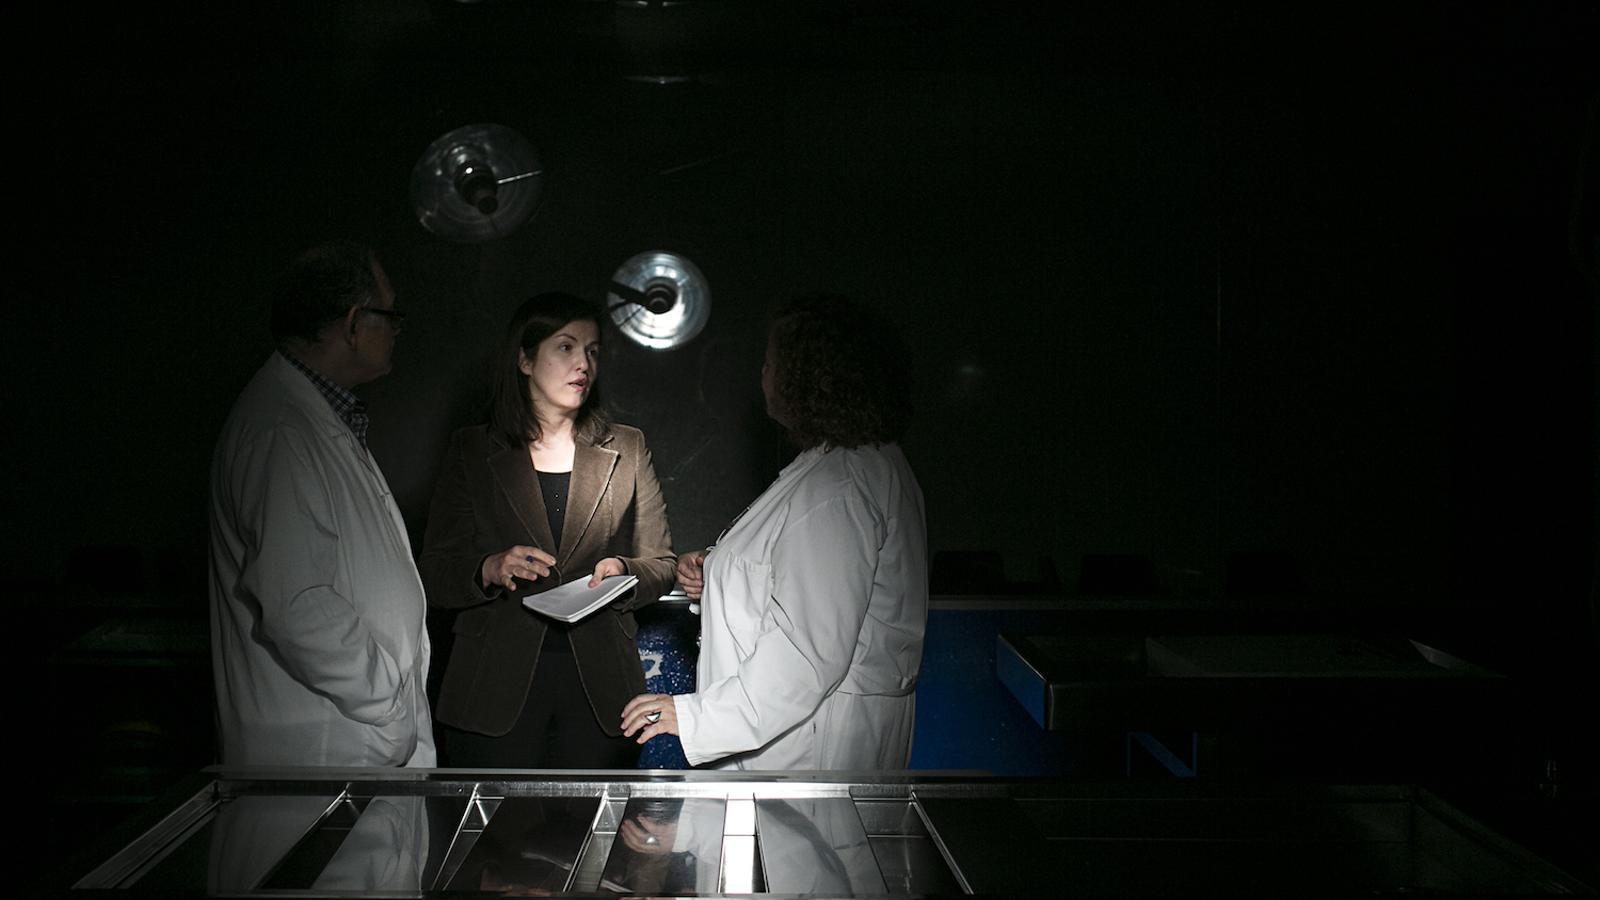 La forense Immaculada Gràcia, parlant amb col·legues en una sala d'autòpsies de l'Institut de Medicina Legal i Ciències Forenses de Catalunya (IMLCFC)